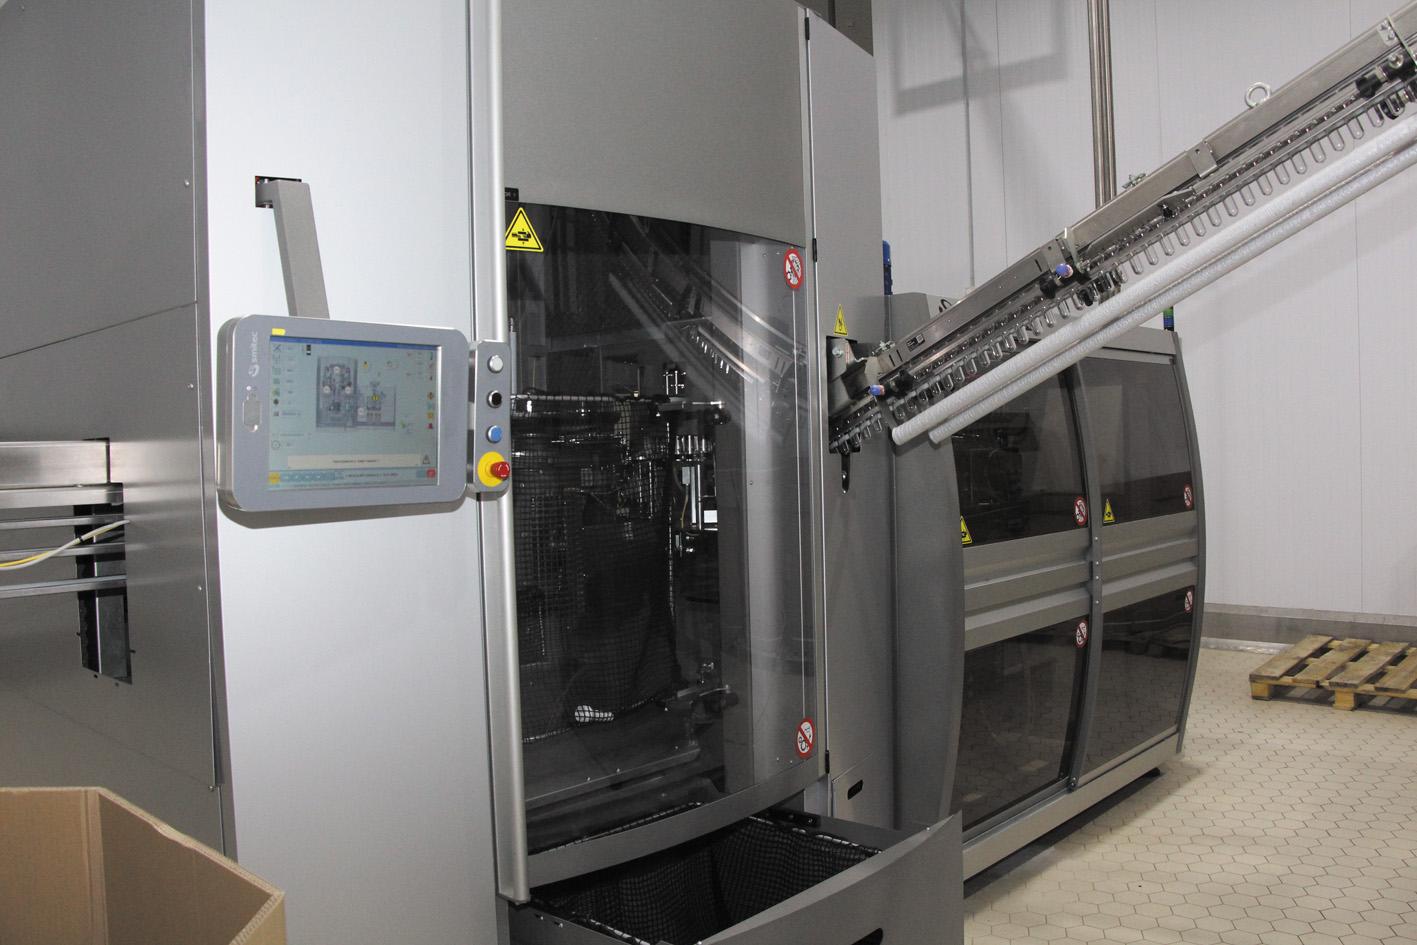 автомат фирмы Smitec для изготовления пластиковых бутылок